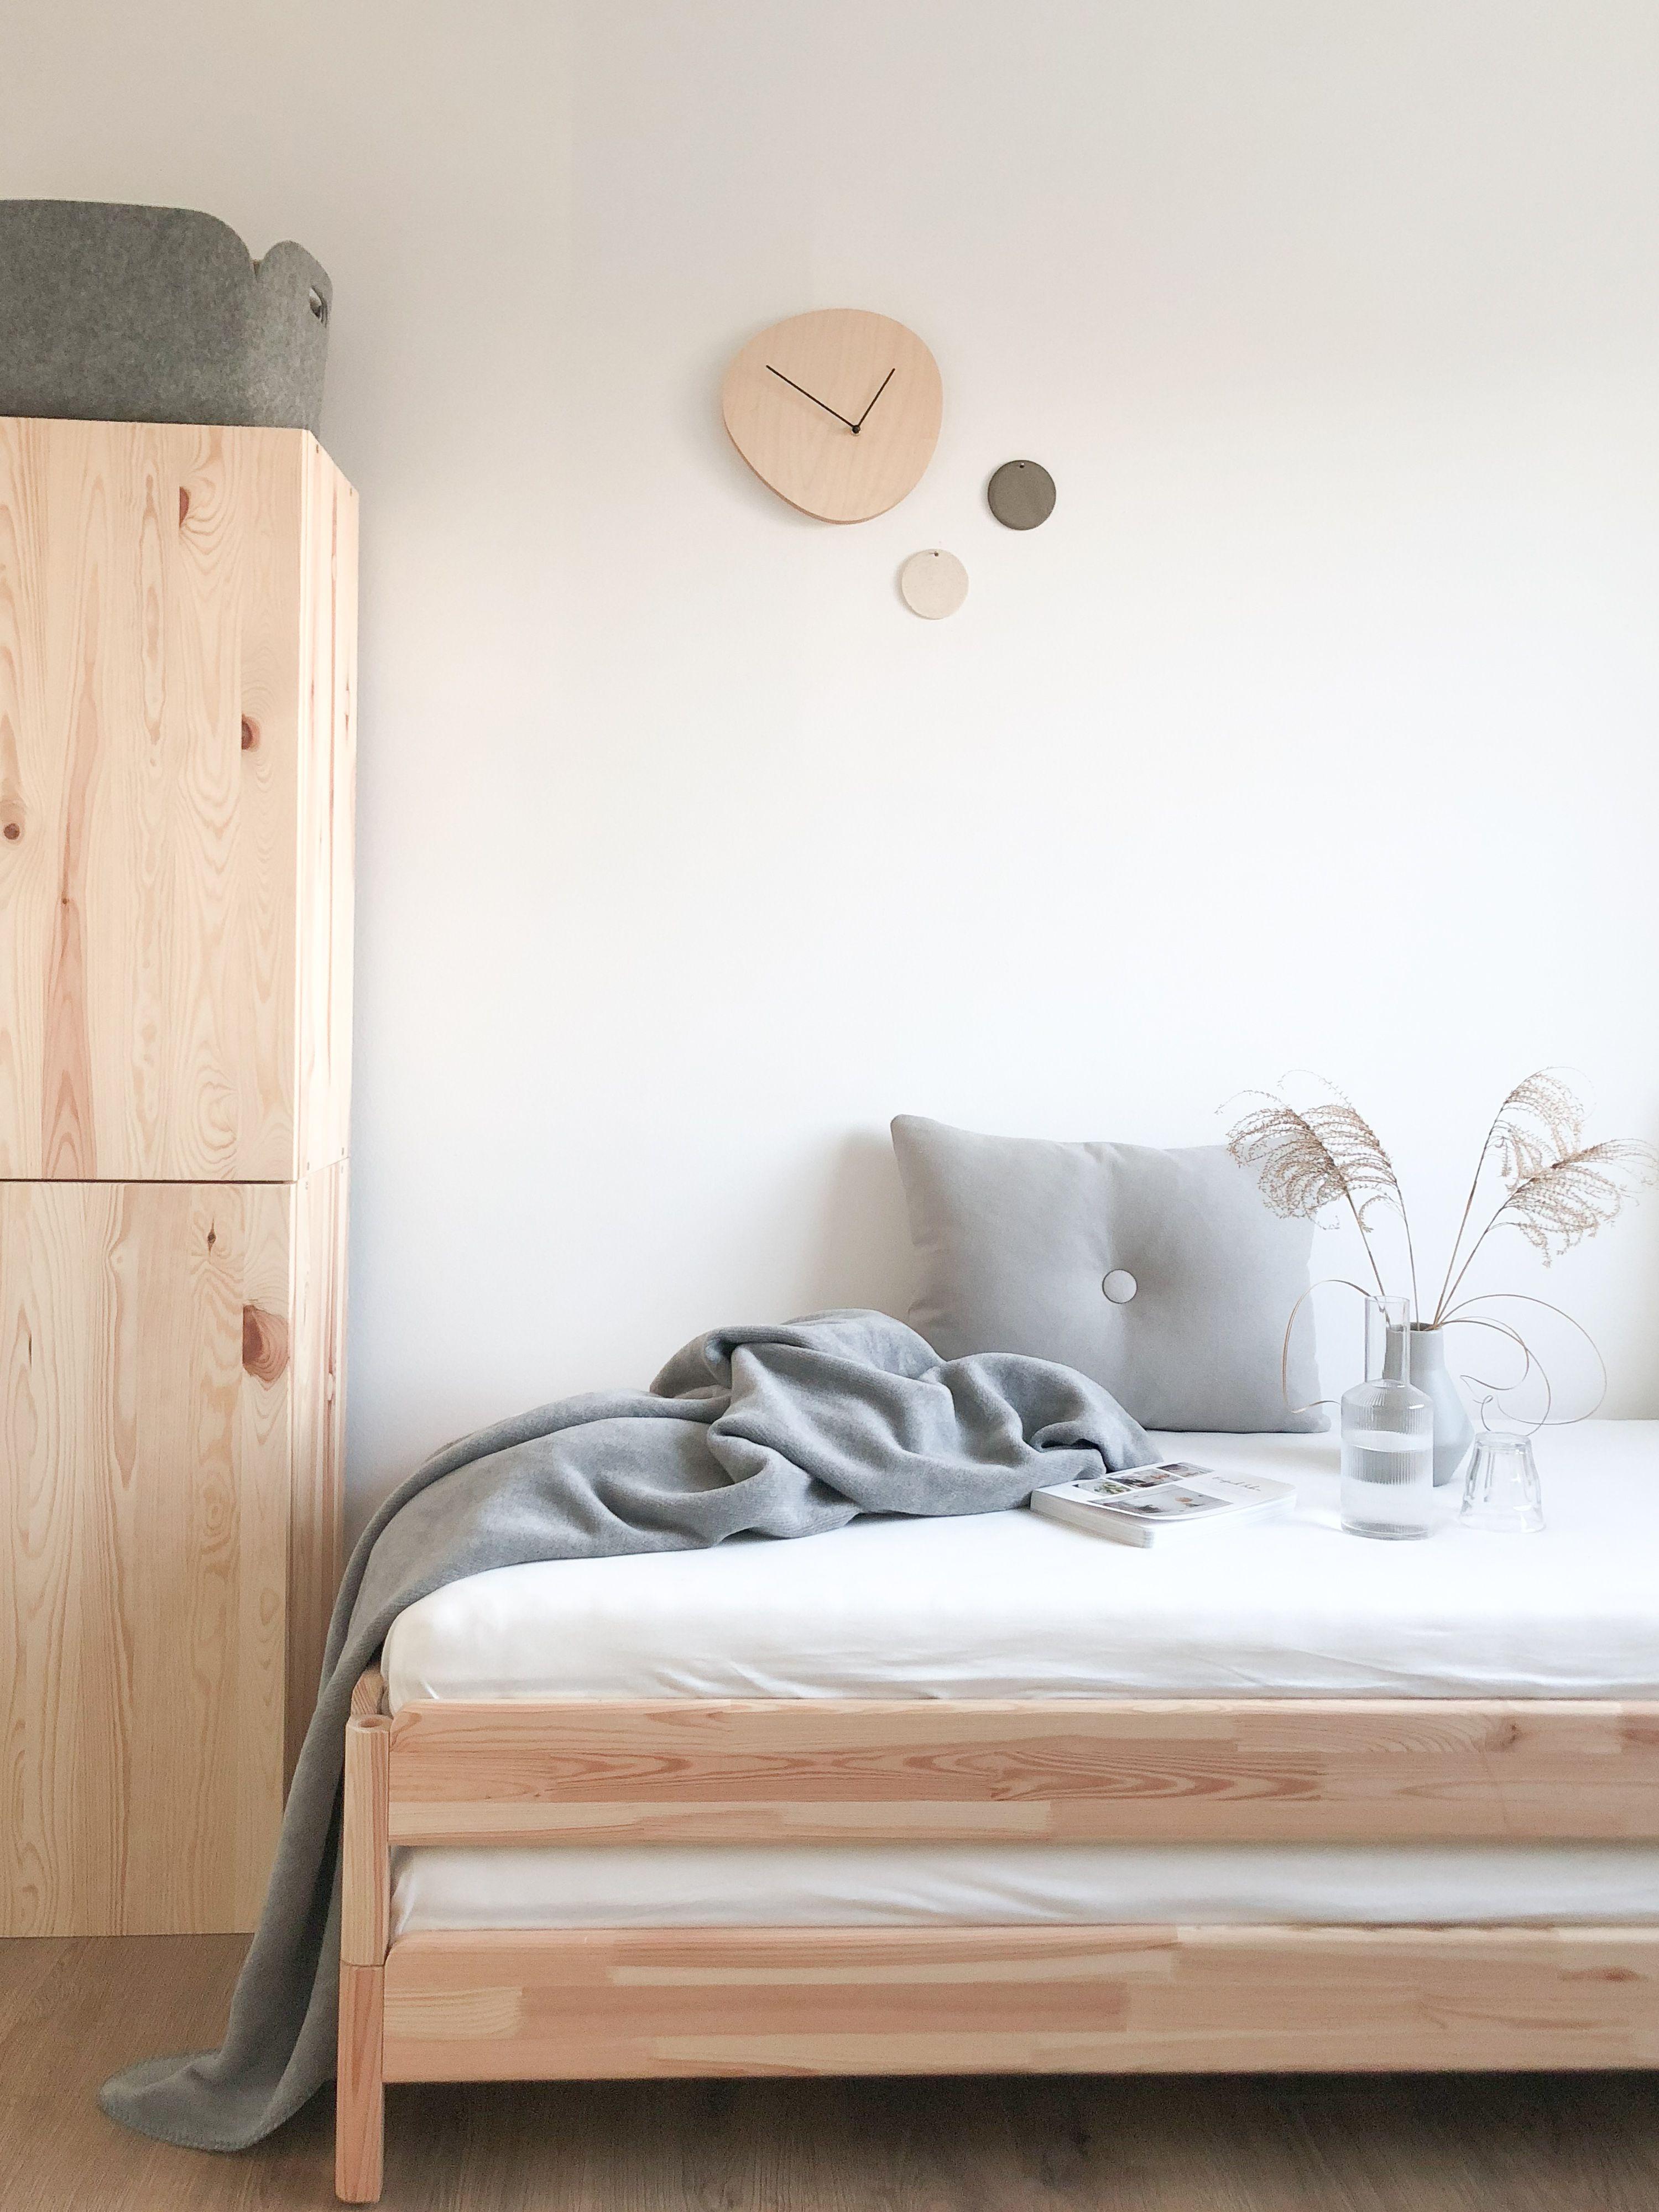 Vintage zimmer dekor ideen gästezimmer natürlich einrichten  schlafzimmer  pinterest  home